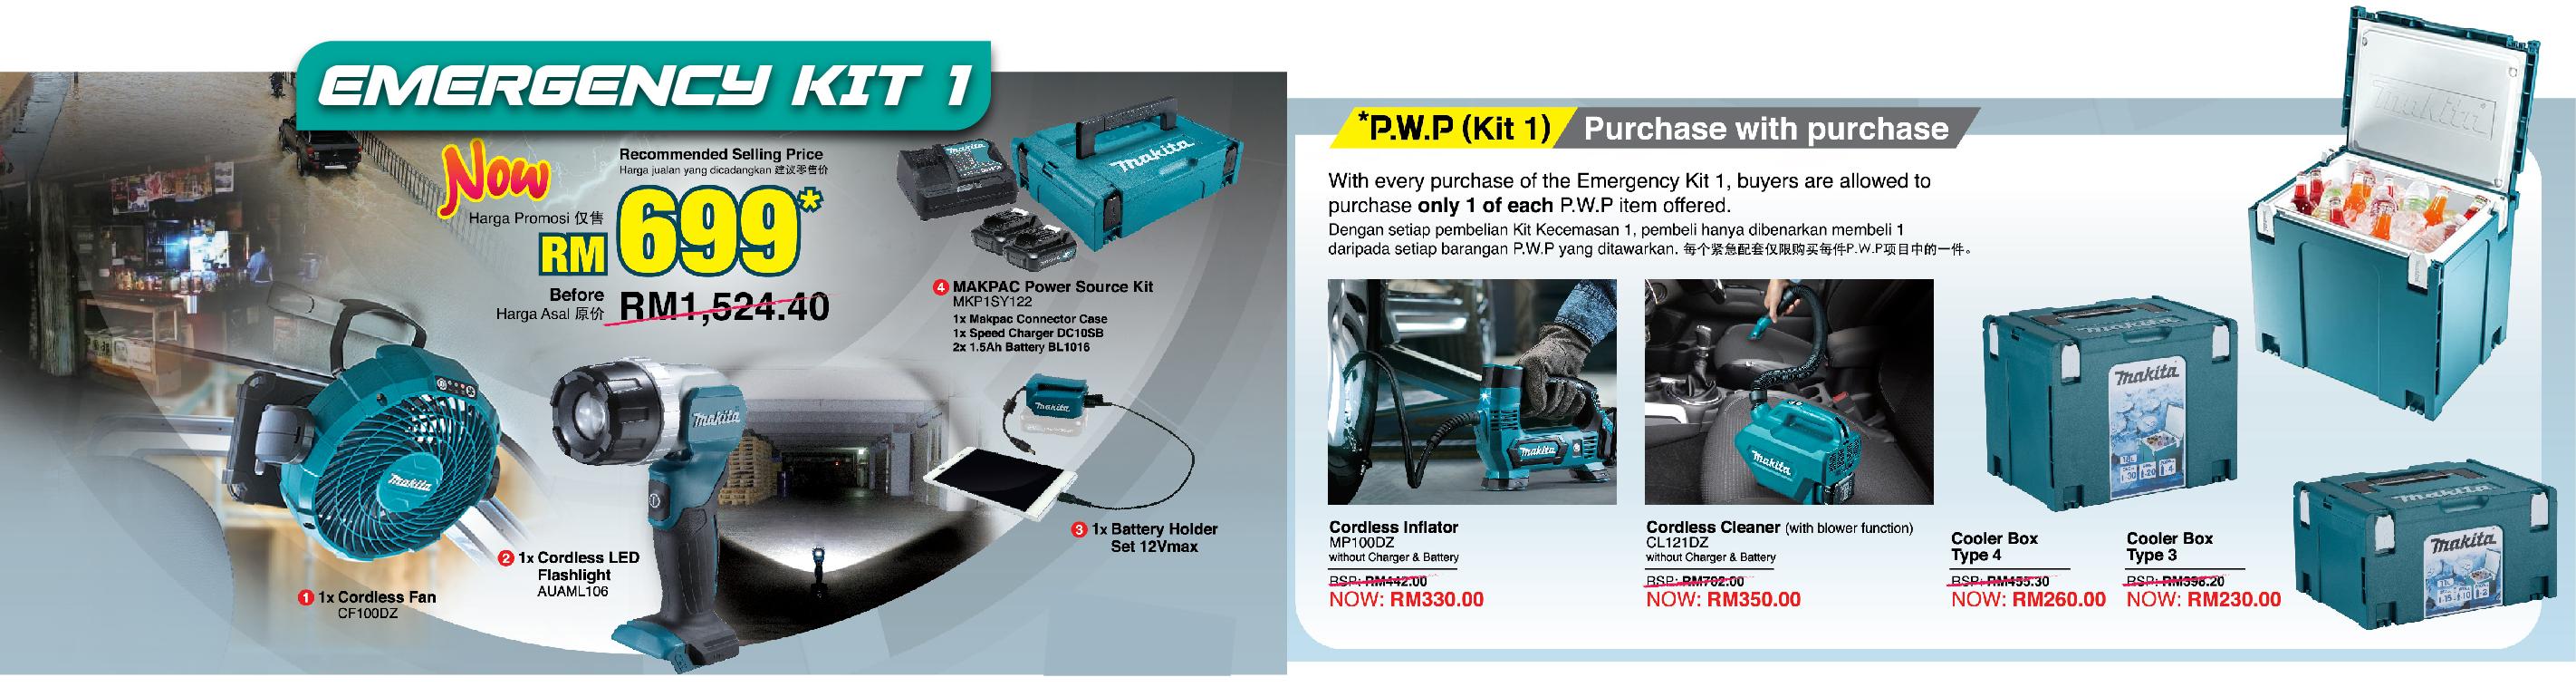 Makita Emergency Kit1 Offer